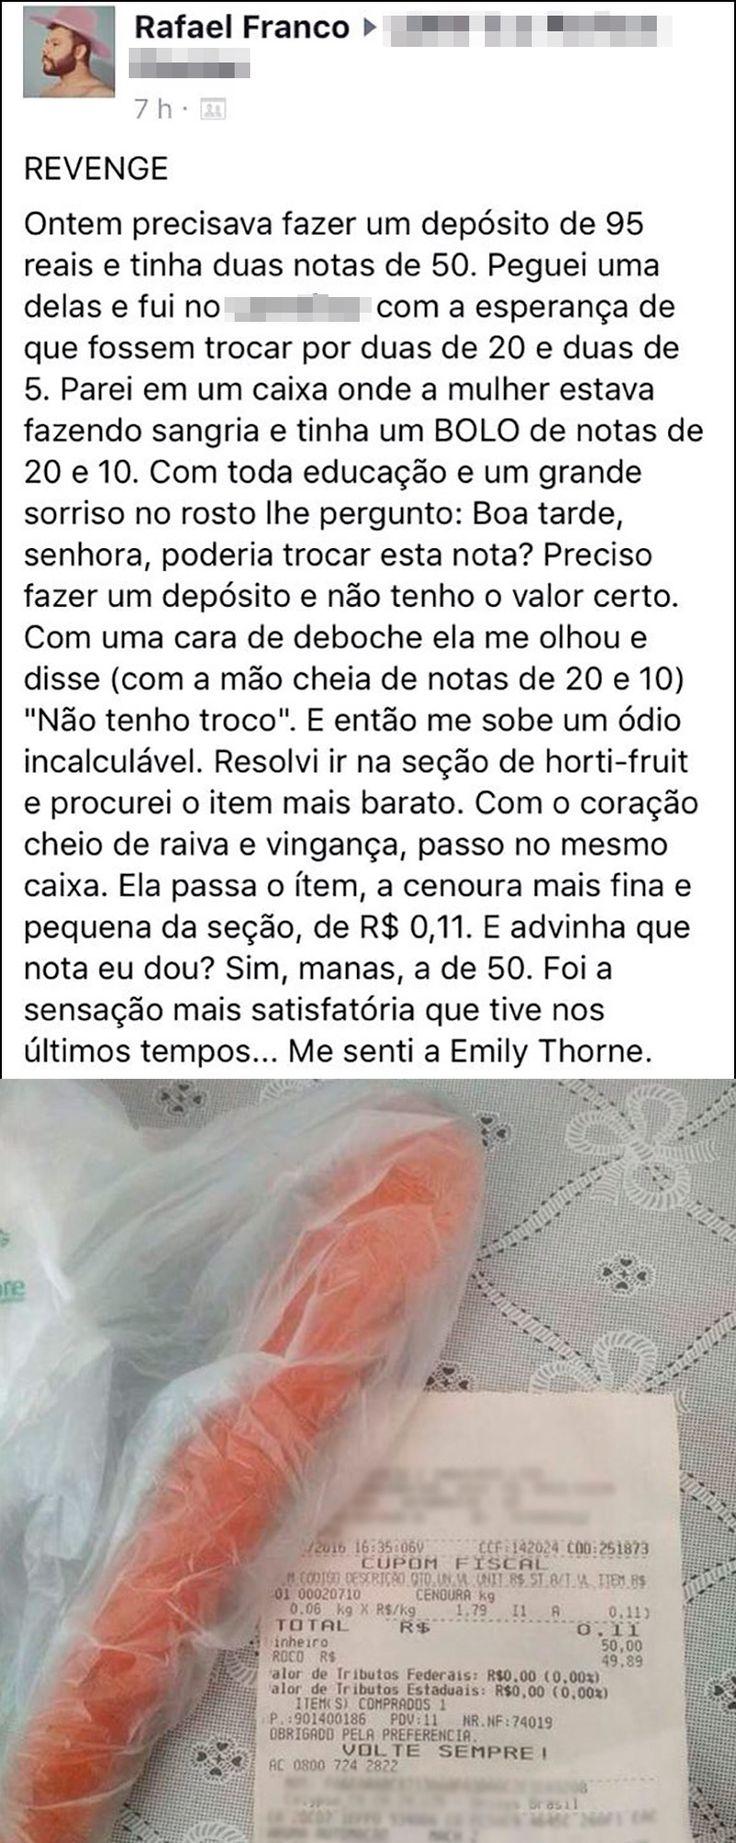 SEDE DE VINGANÇA